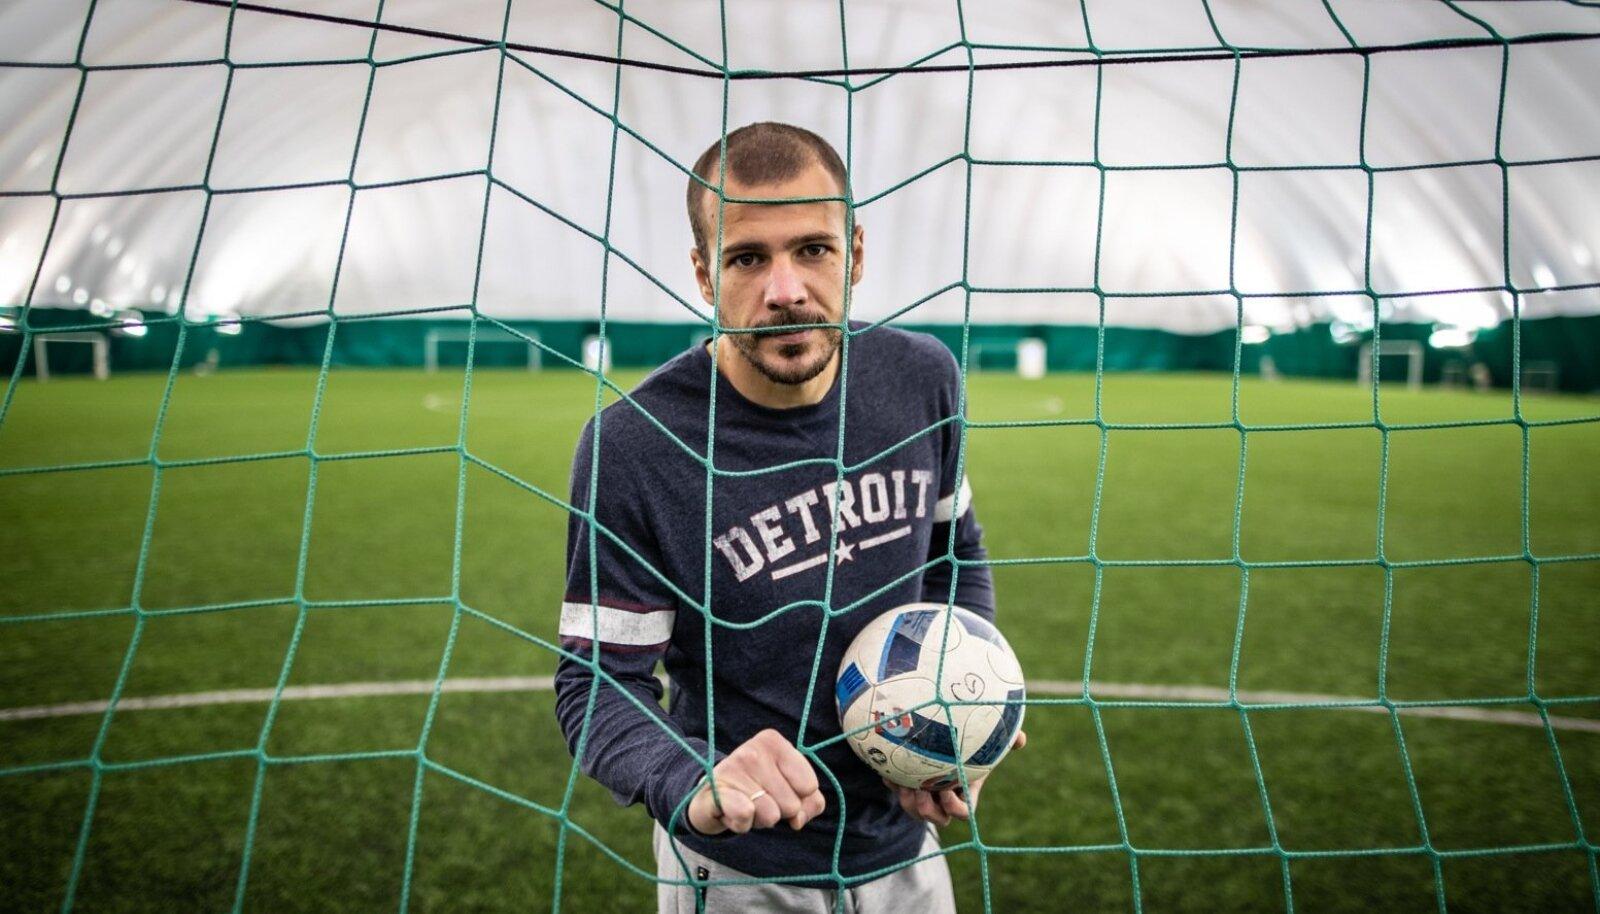 Sergei Lepmetsa kindel mäng on jäänud inimestele silma nii FCI Levadia kui ka Eesti koondise särgis.